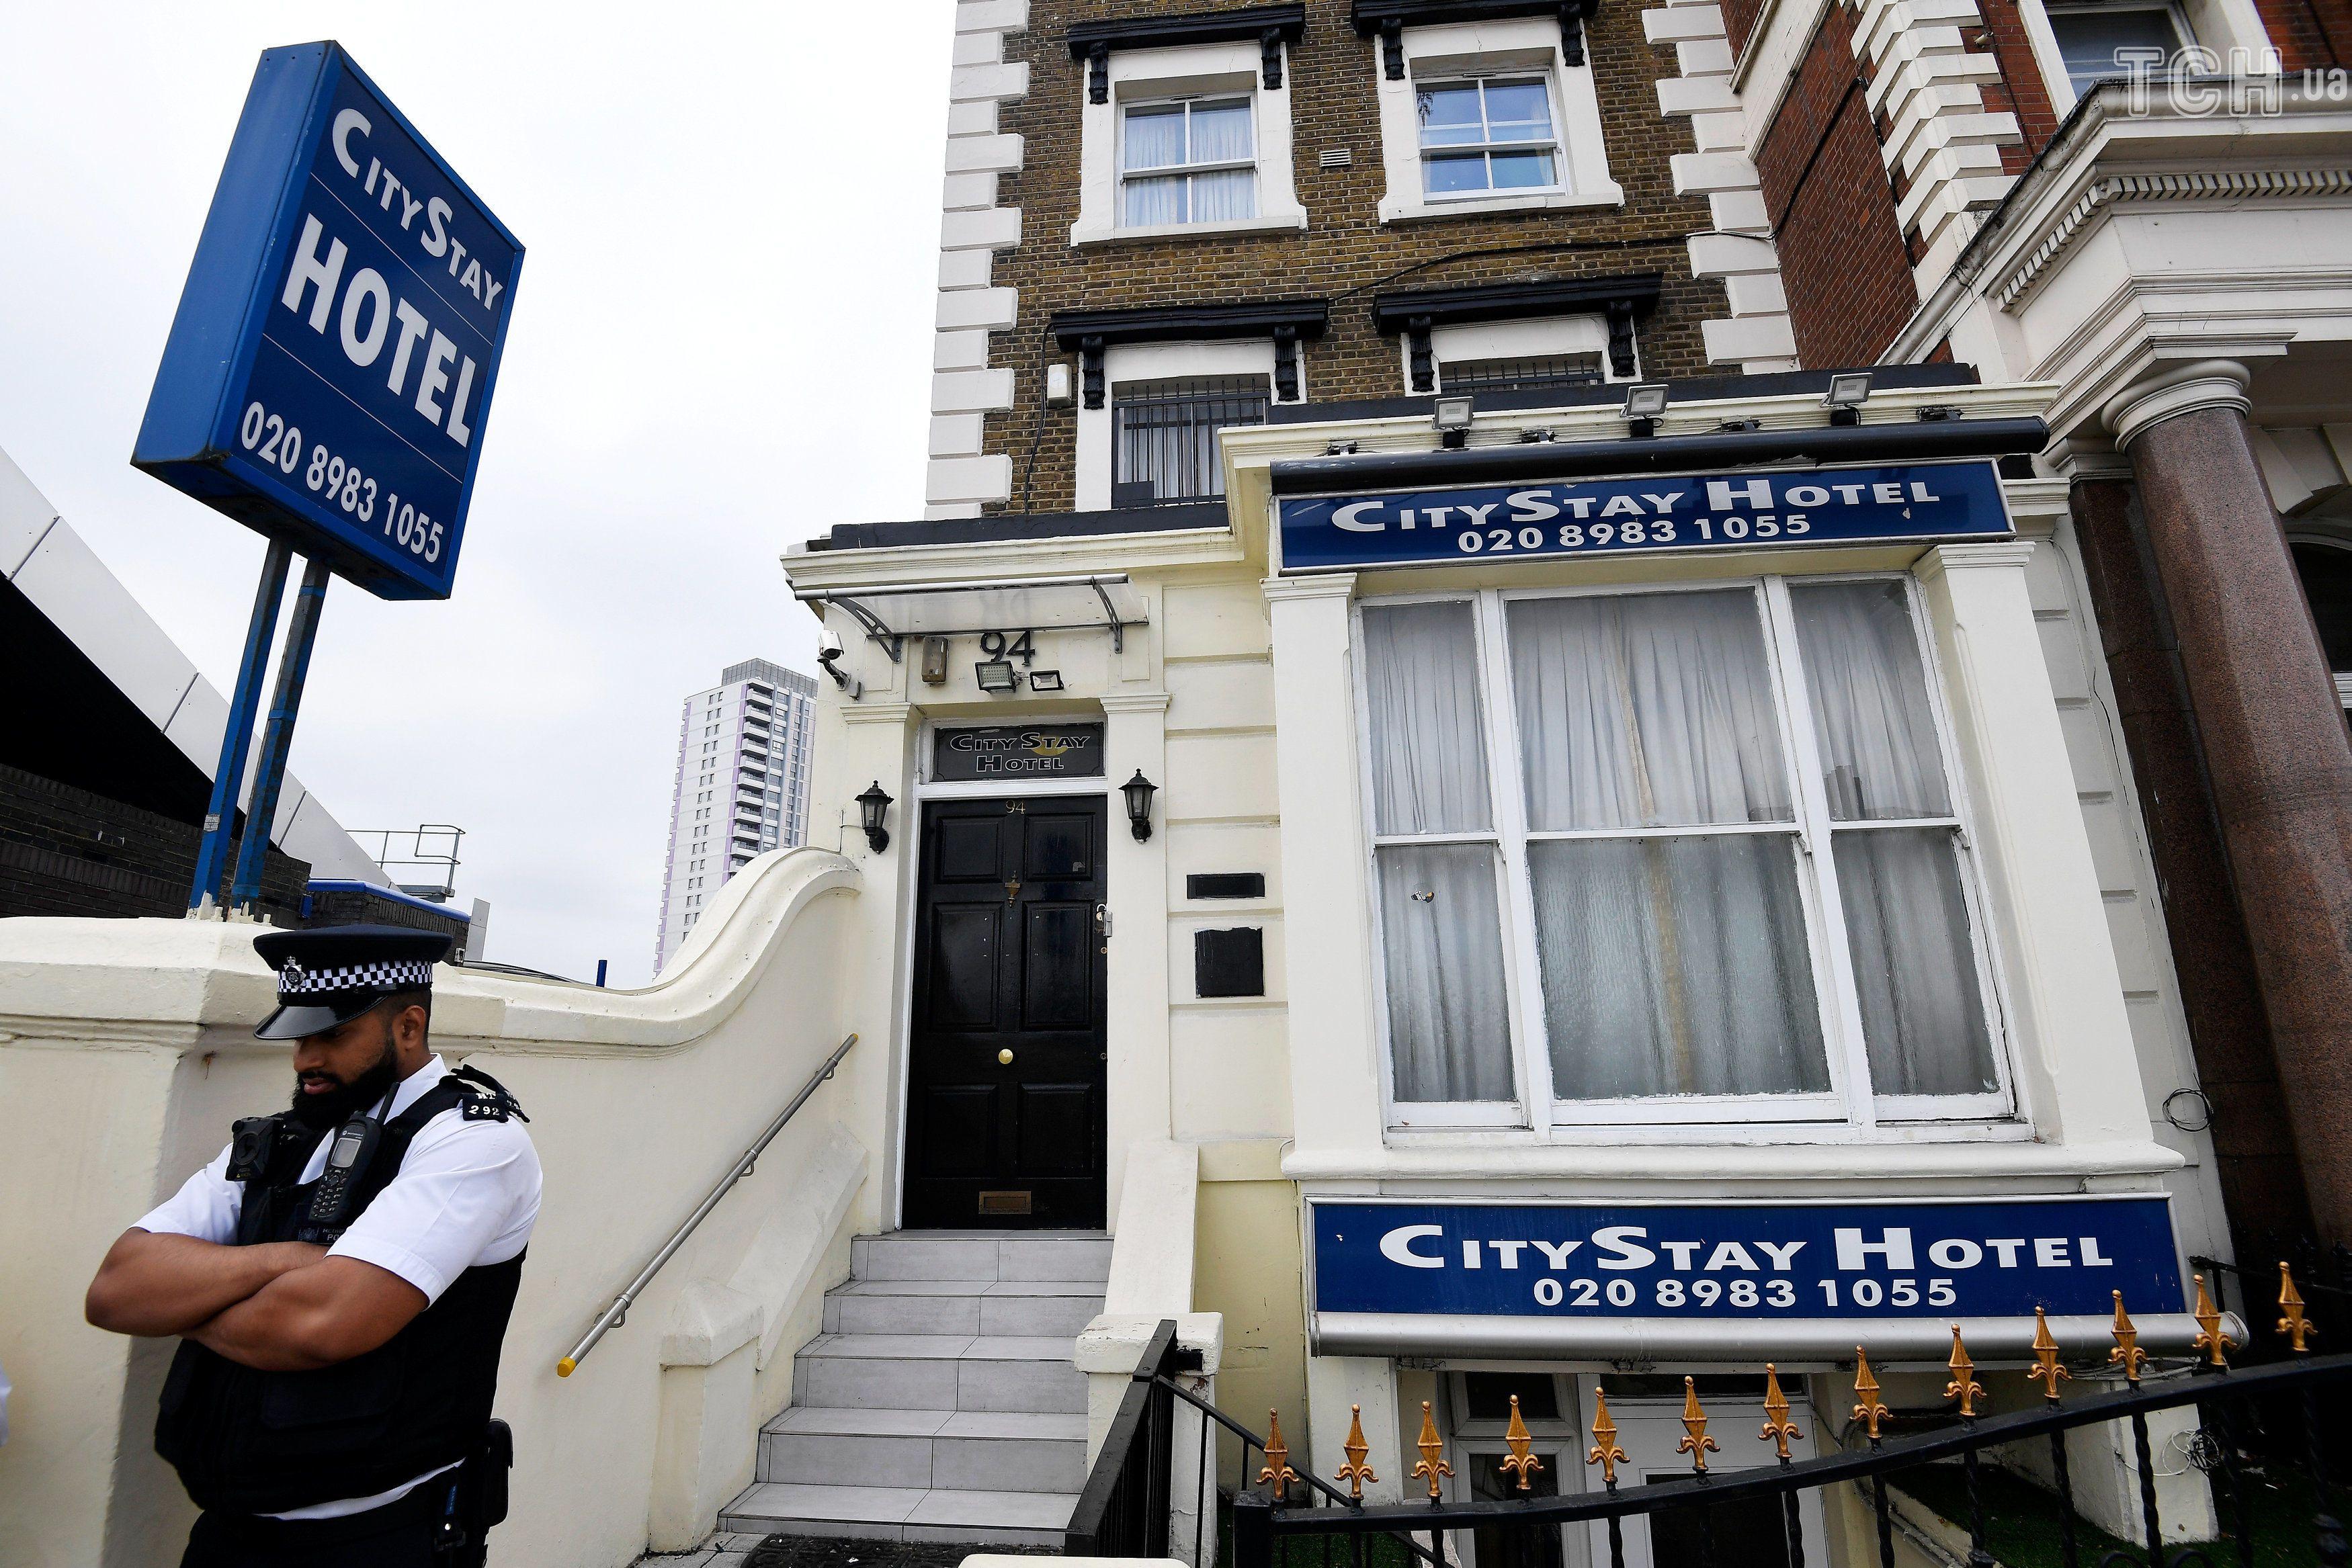 готель, де зупинились підозрювані в отруєнні Скрипалів